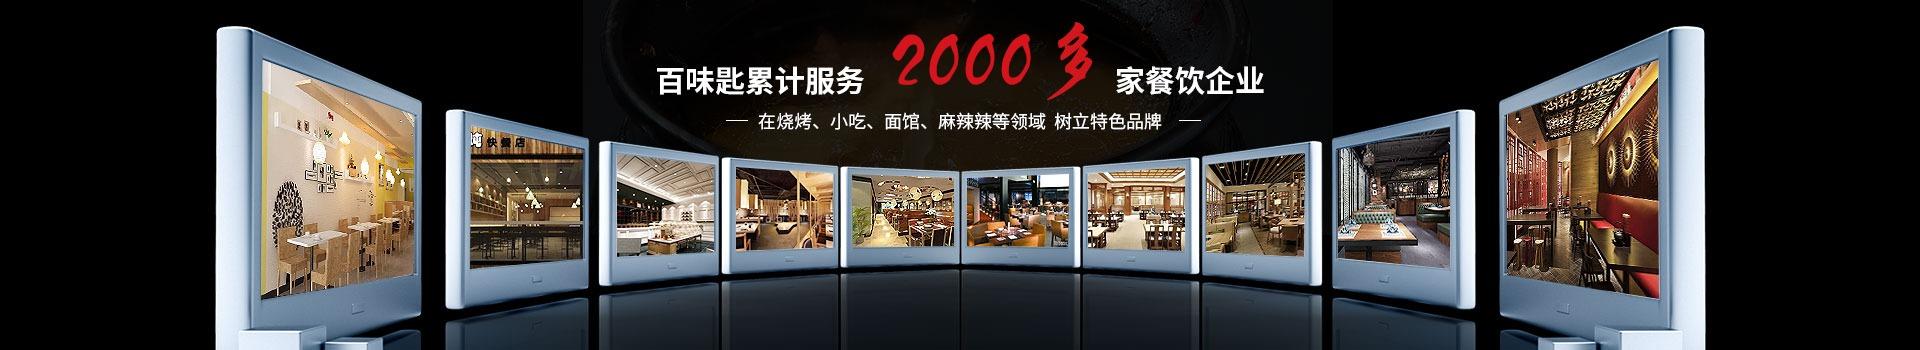 百味匙累计服务1600多家餐饮企业